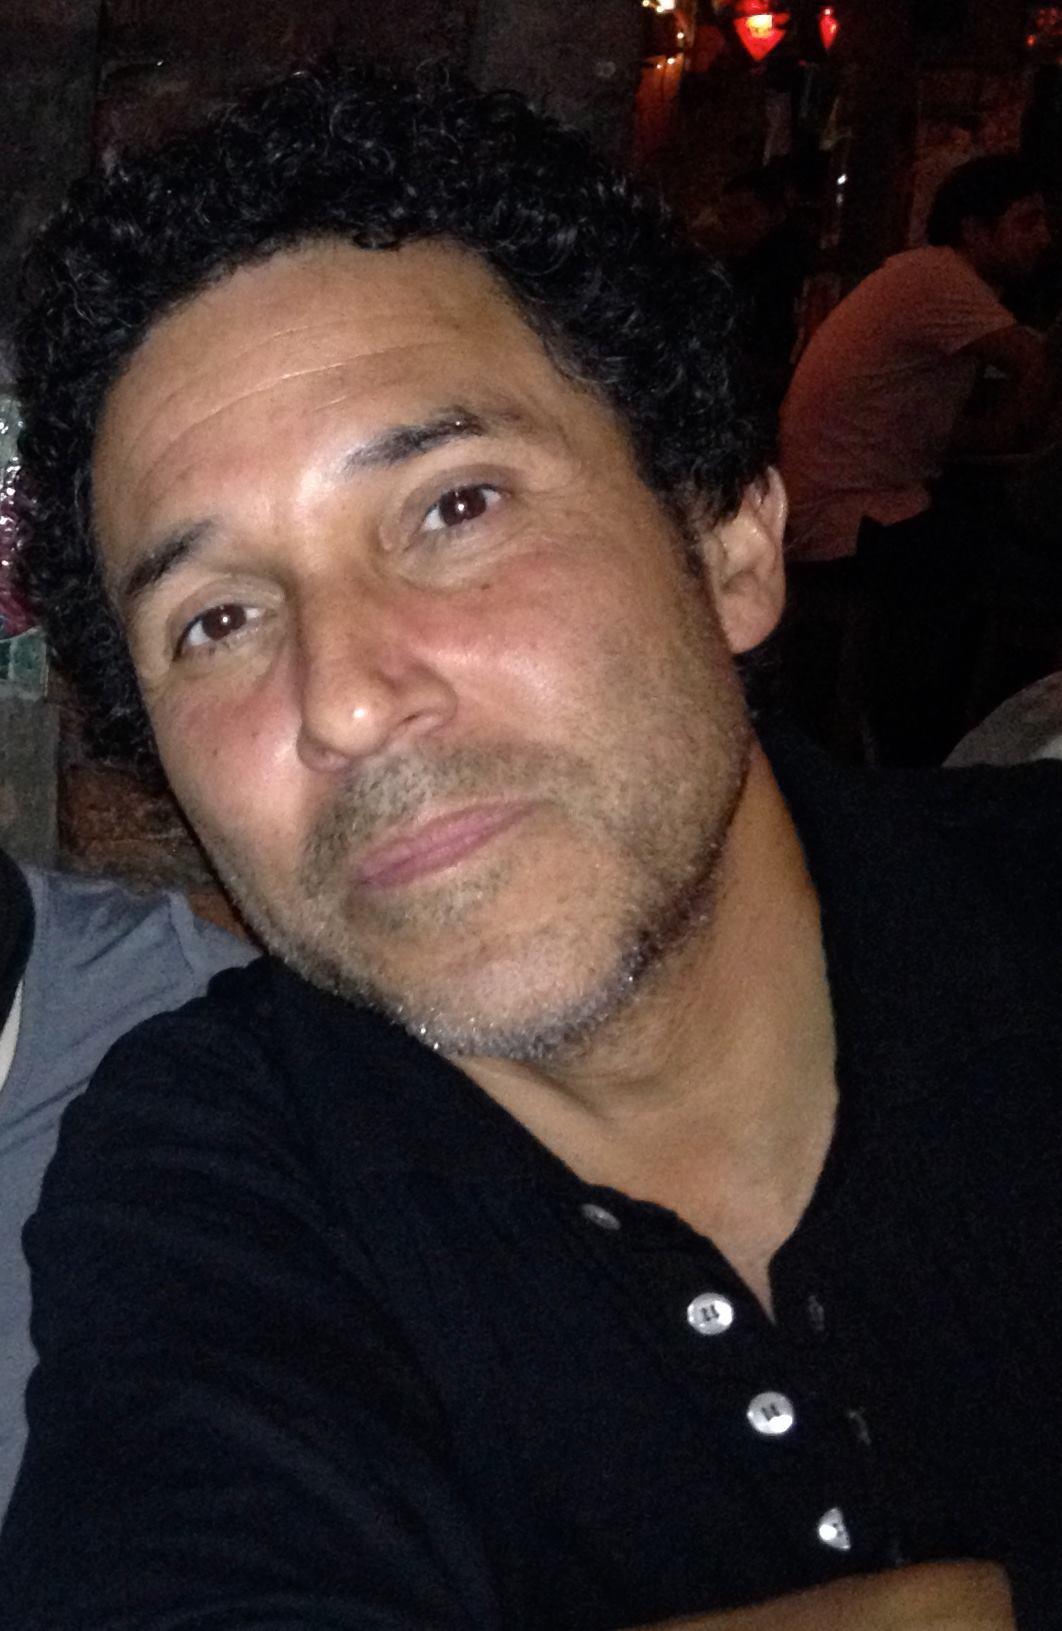 109 - Oscar Nunez - now.jpg